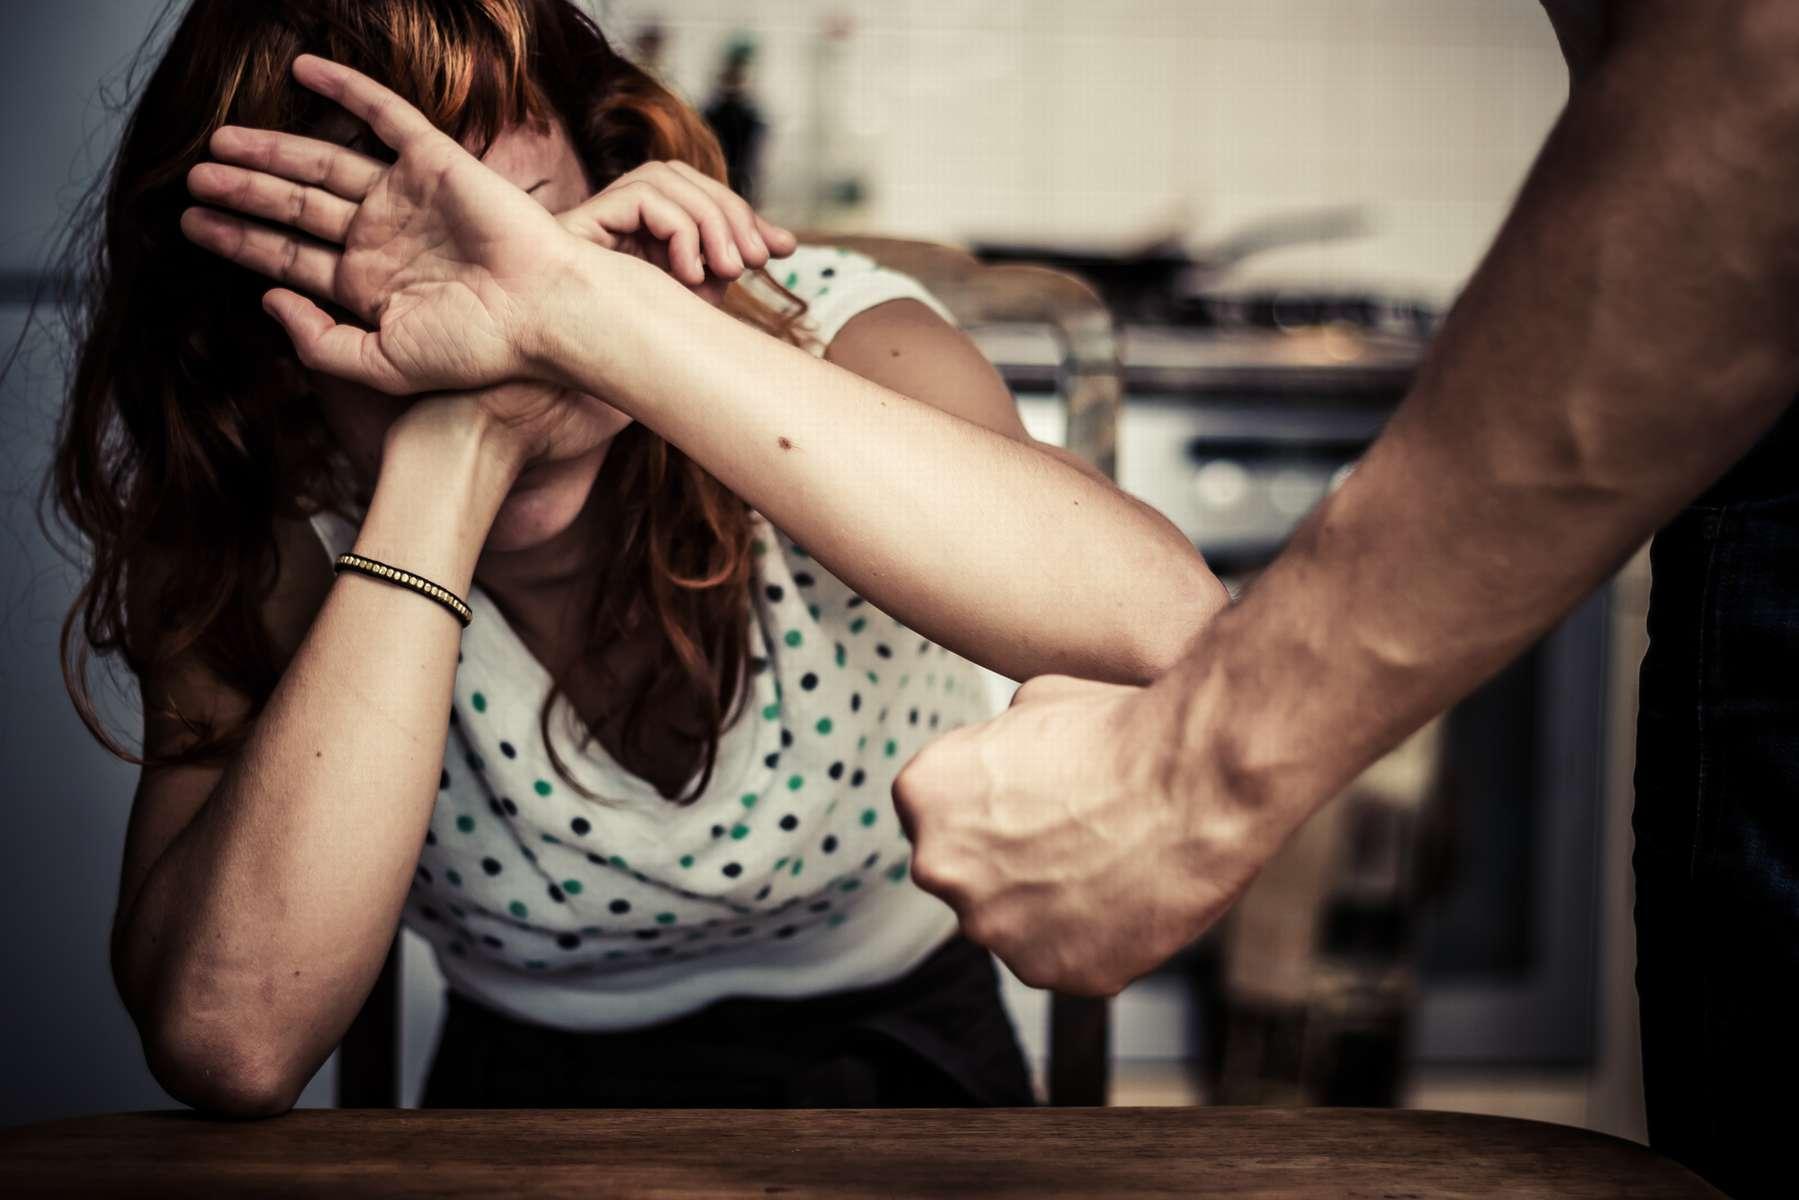 Мужчина в ссоре избил жену